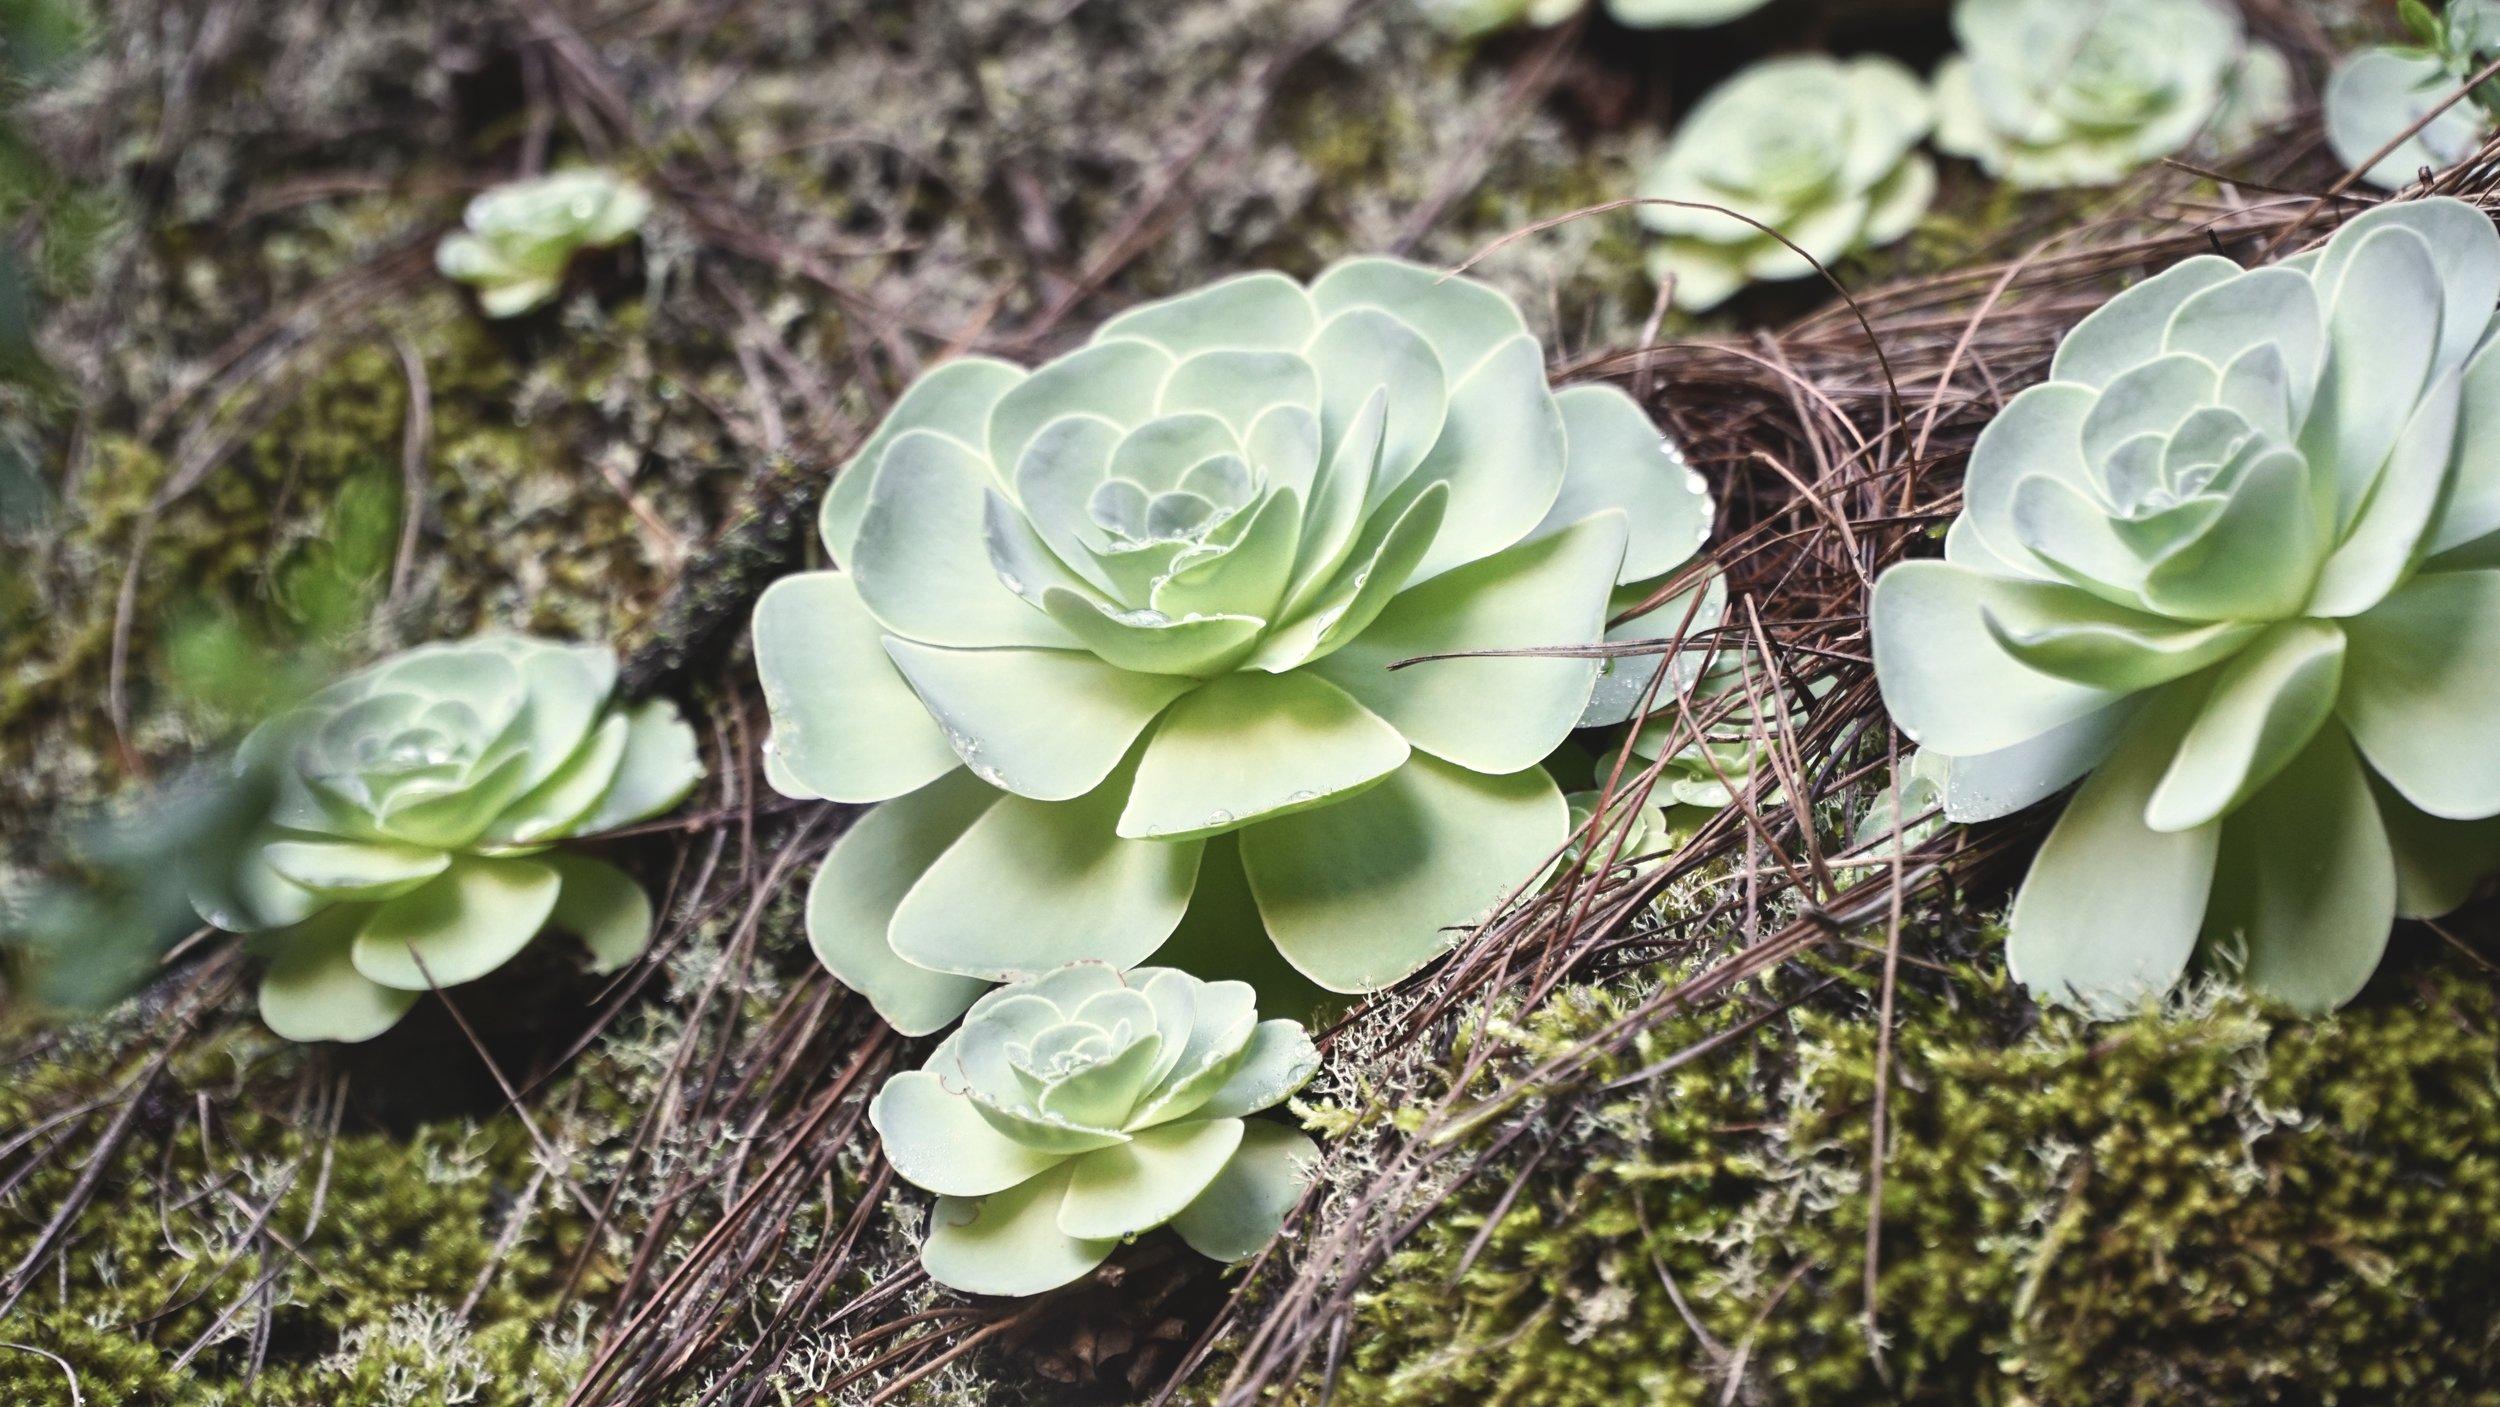 En klassisk sukkulentplante som findes i mange danske hjem - her vildtlevende i nåleskoven. Nogle steder var der hele vægge af planten.